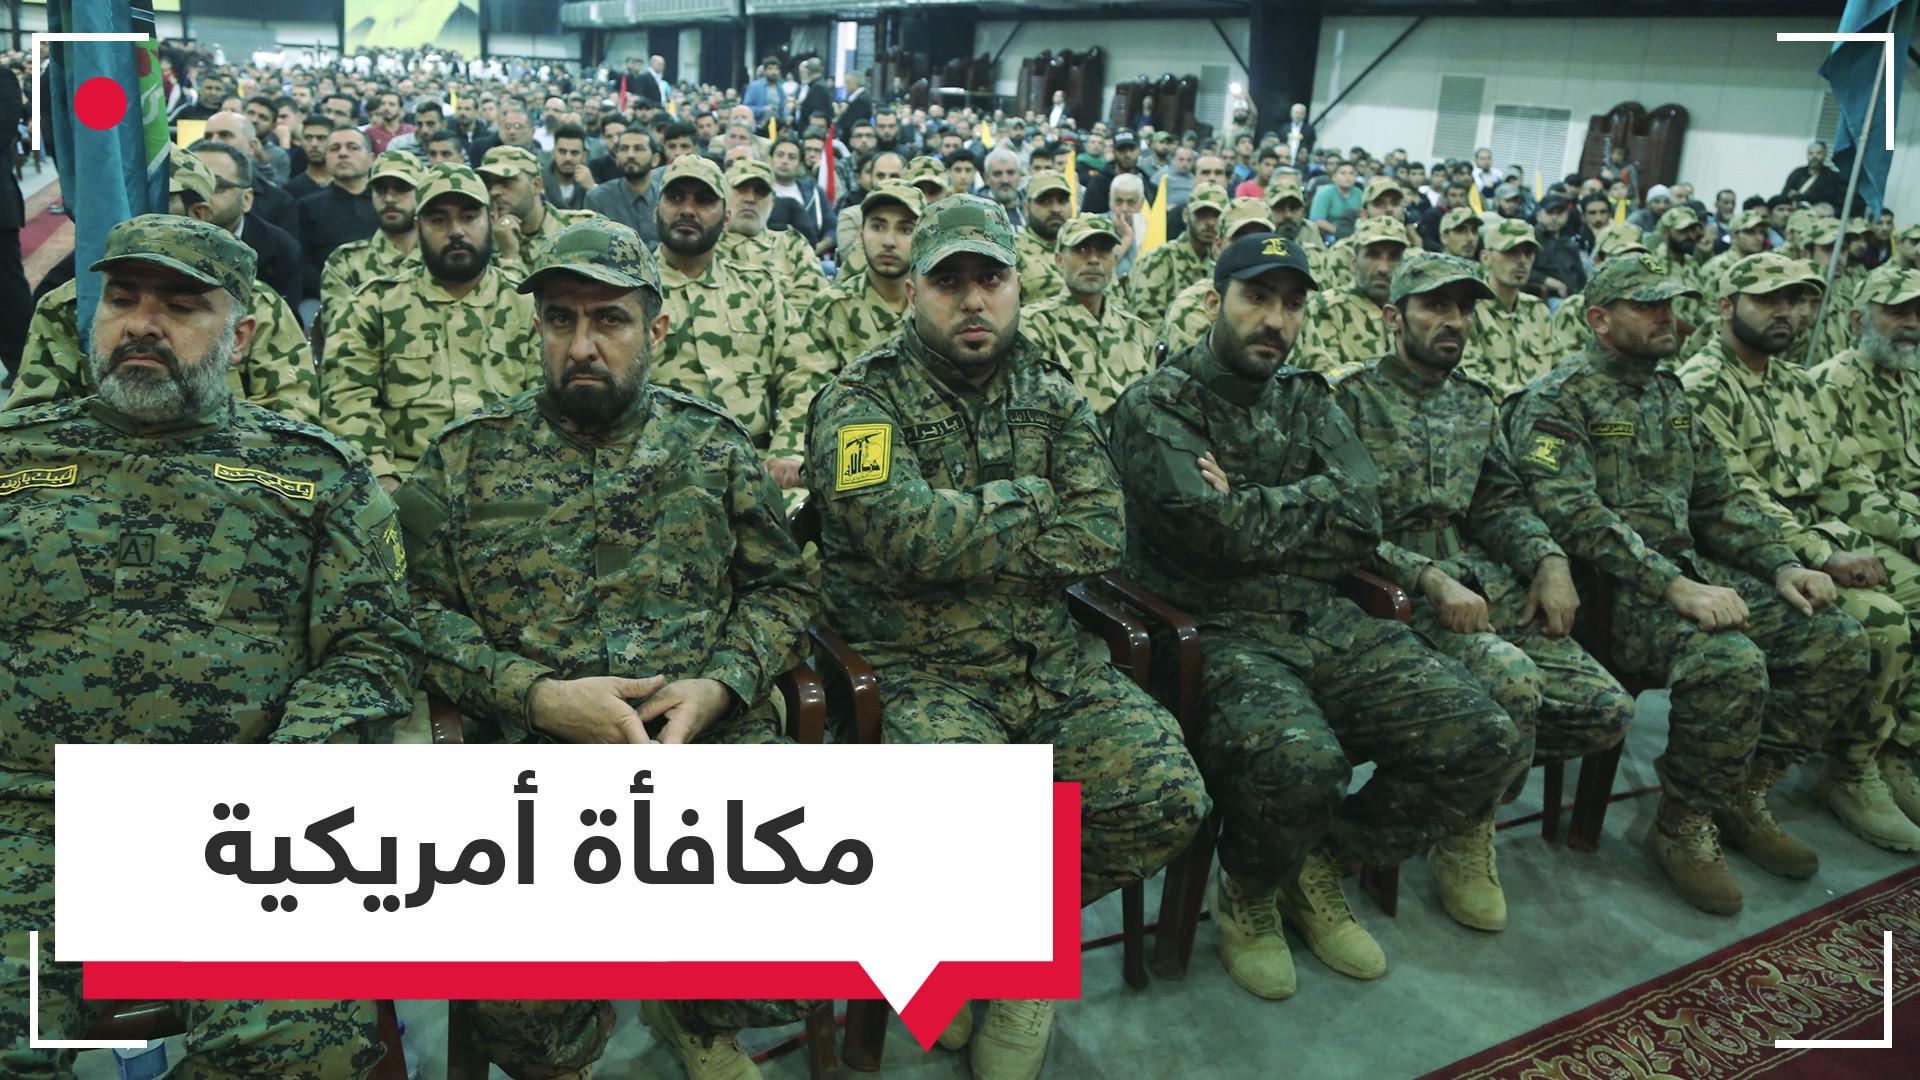 مكافأة أمريكية بـ10 ملايين دولار.. هل تنجح واشنطن في وقف تمويل حزب الله؟